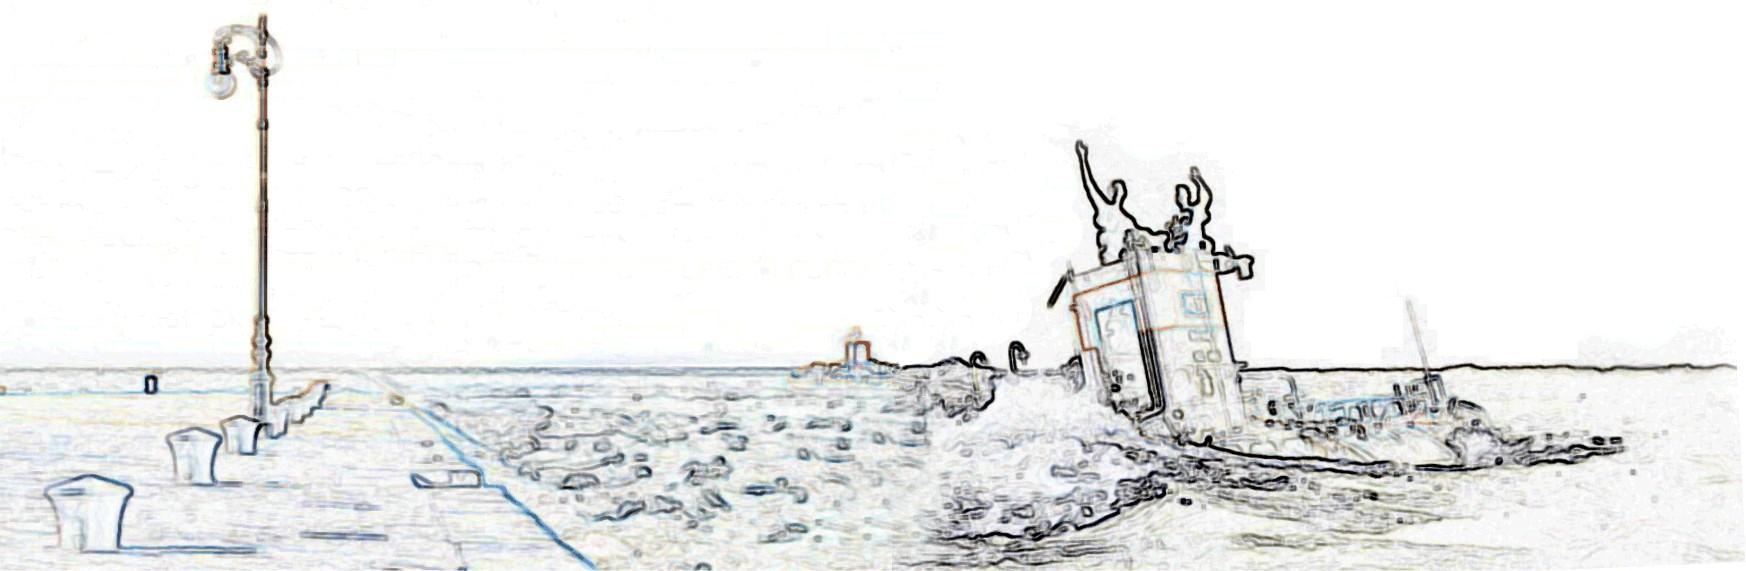 Mare Nordest 2021 Trieste